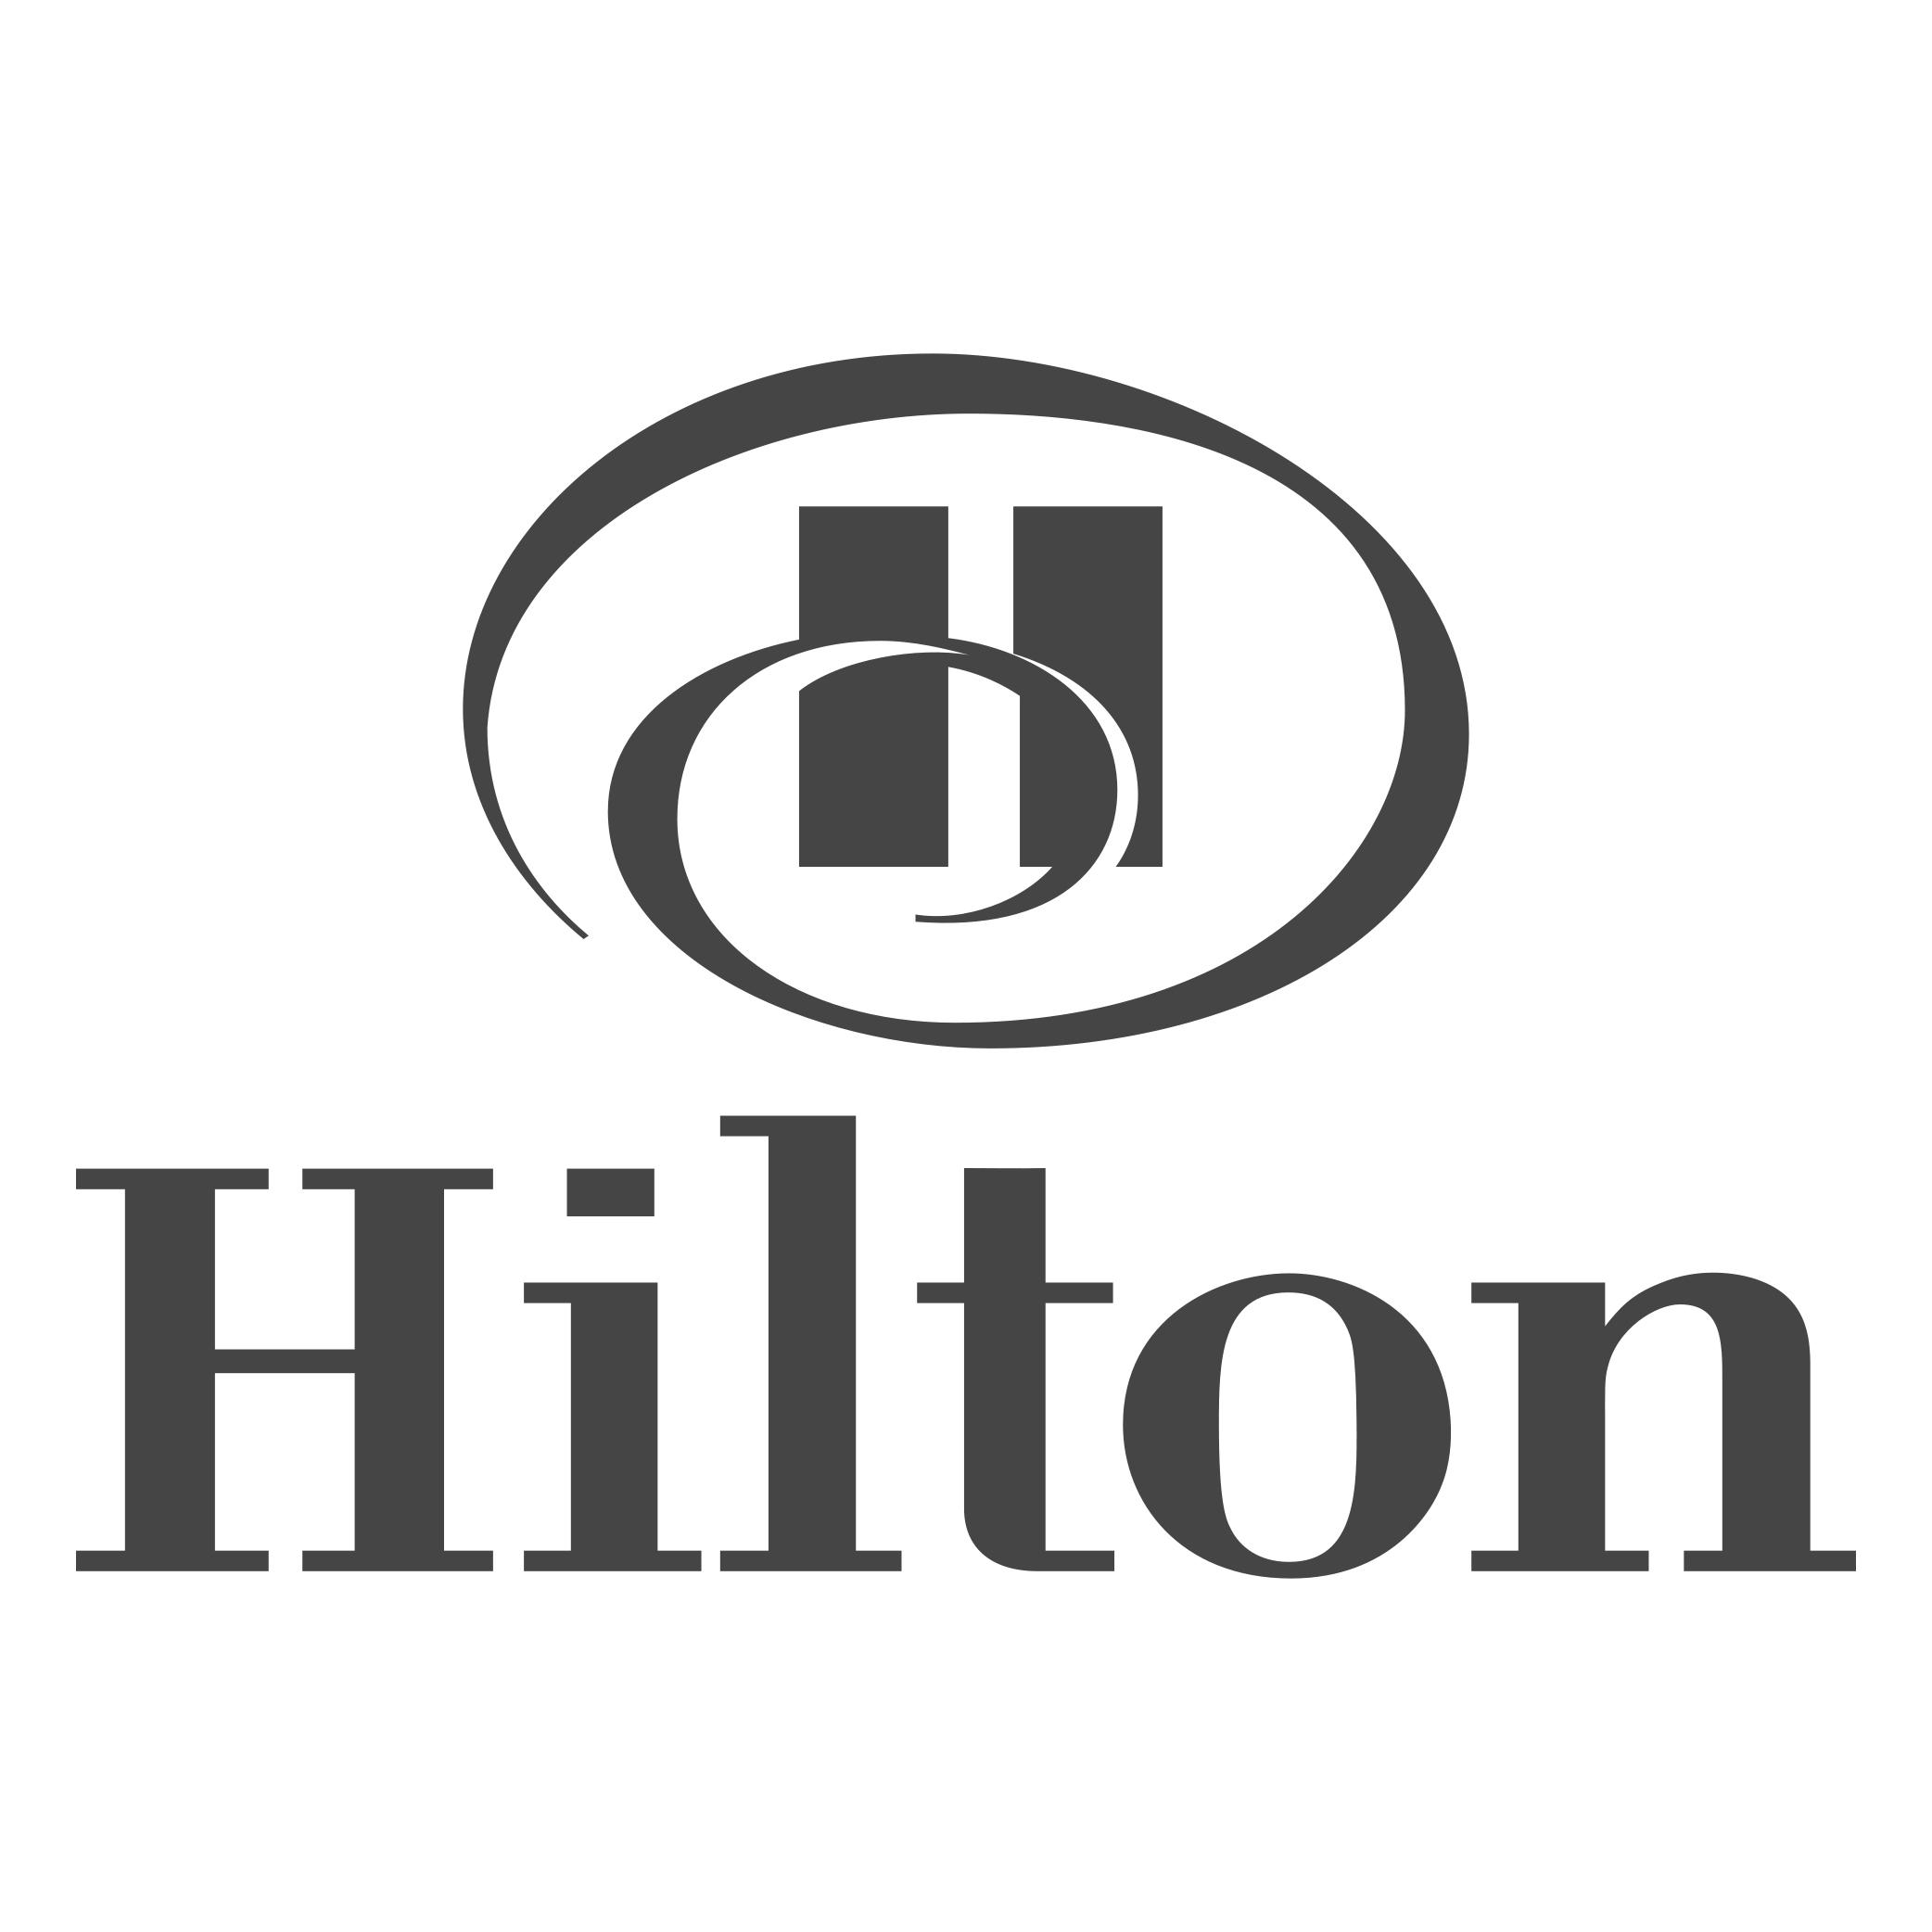 Hilton-Hotel-logo-old.jpg